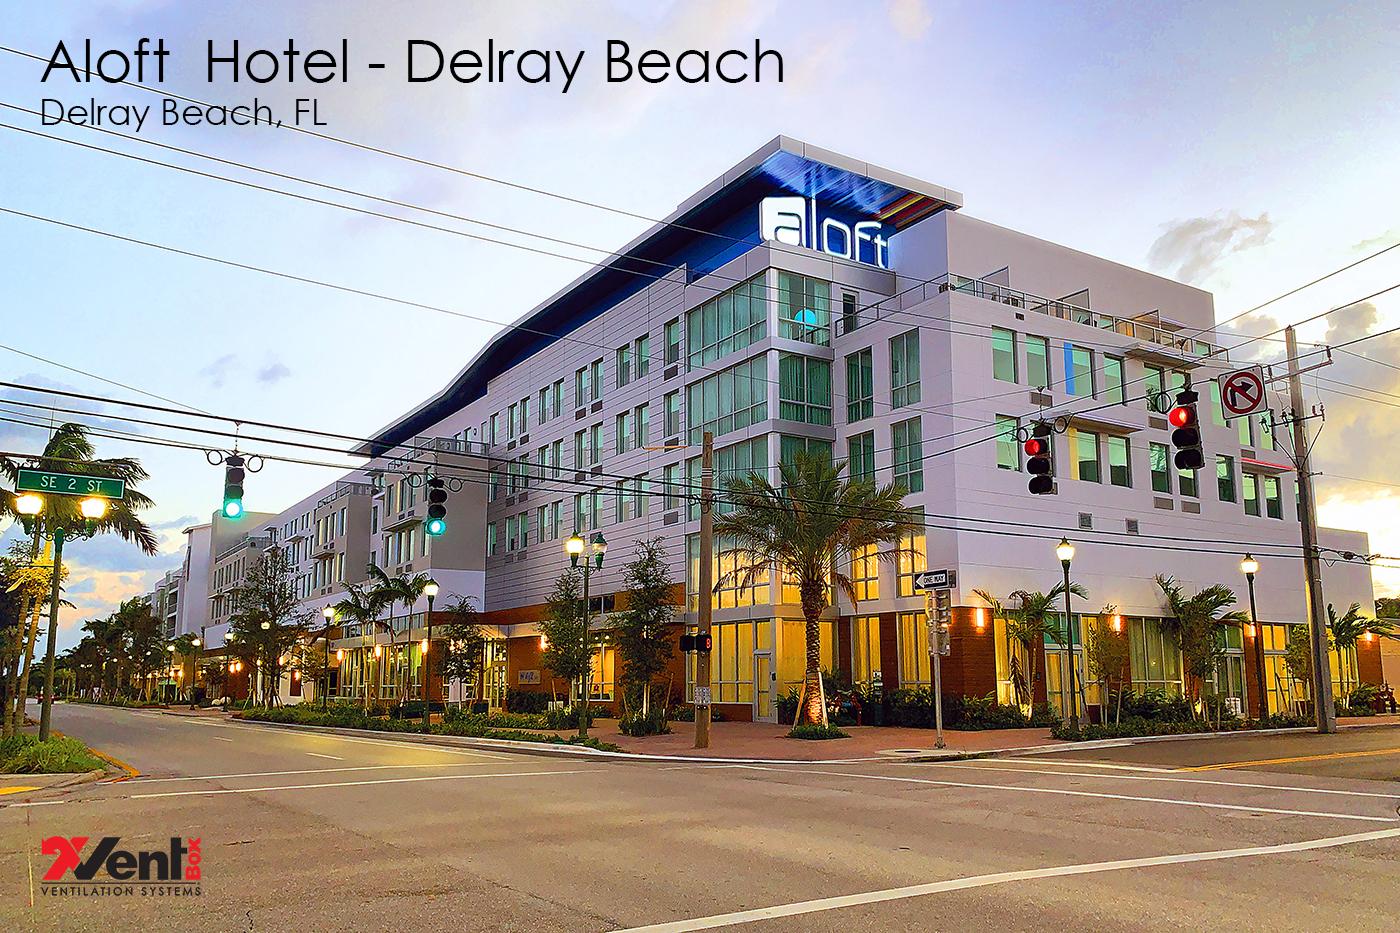 Aloft Hotel - Delray Beach